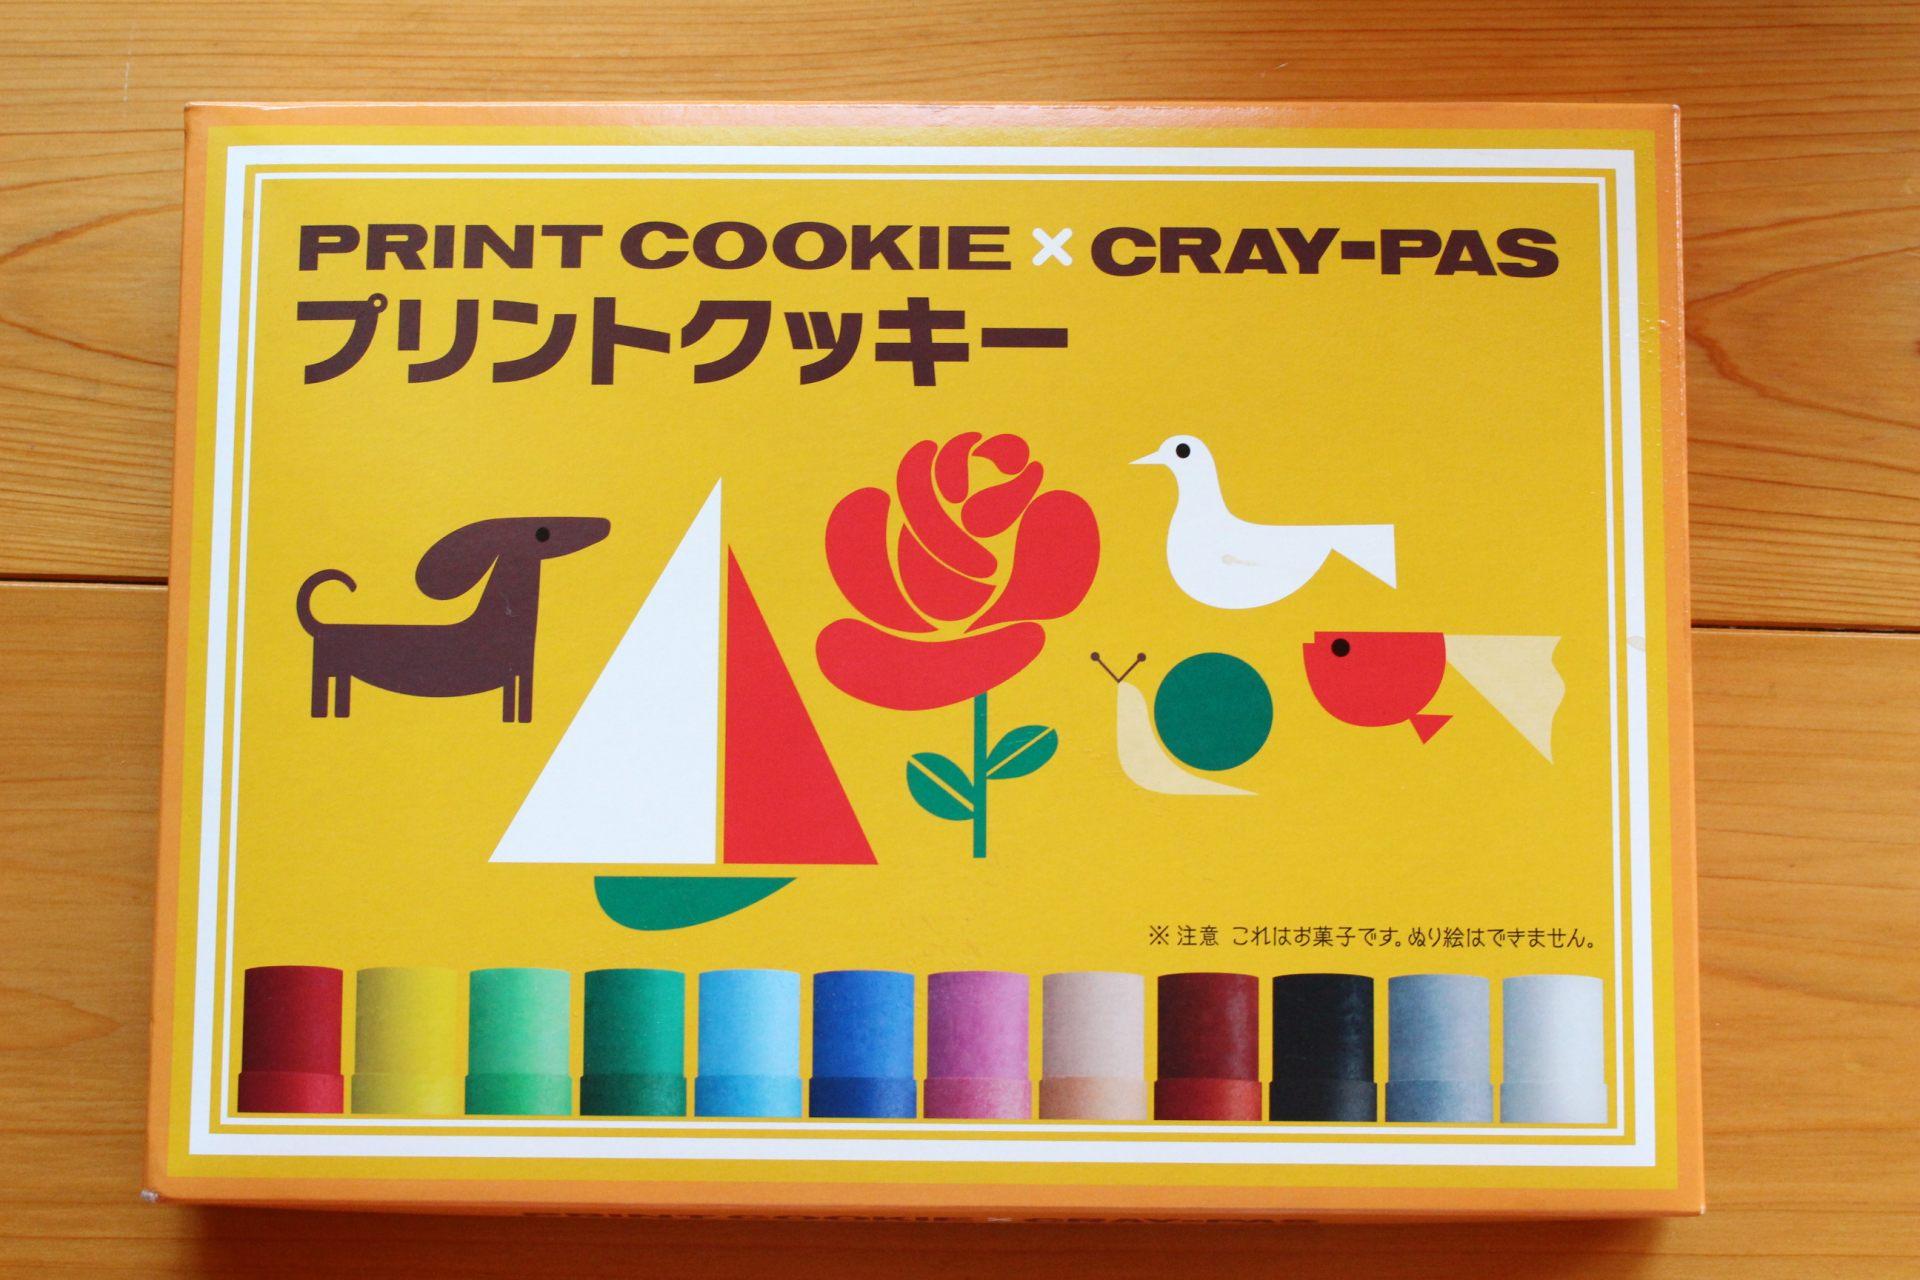 图案饼干 20枚入 648日圆